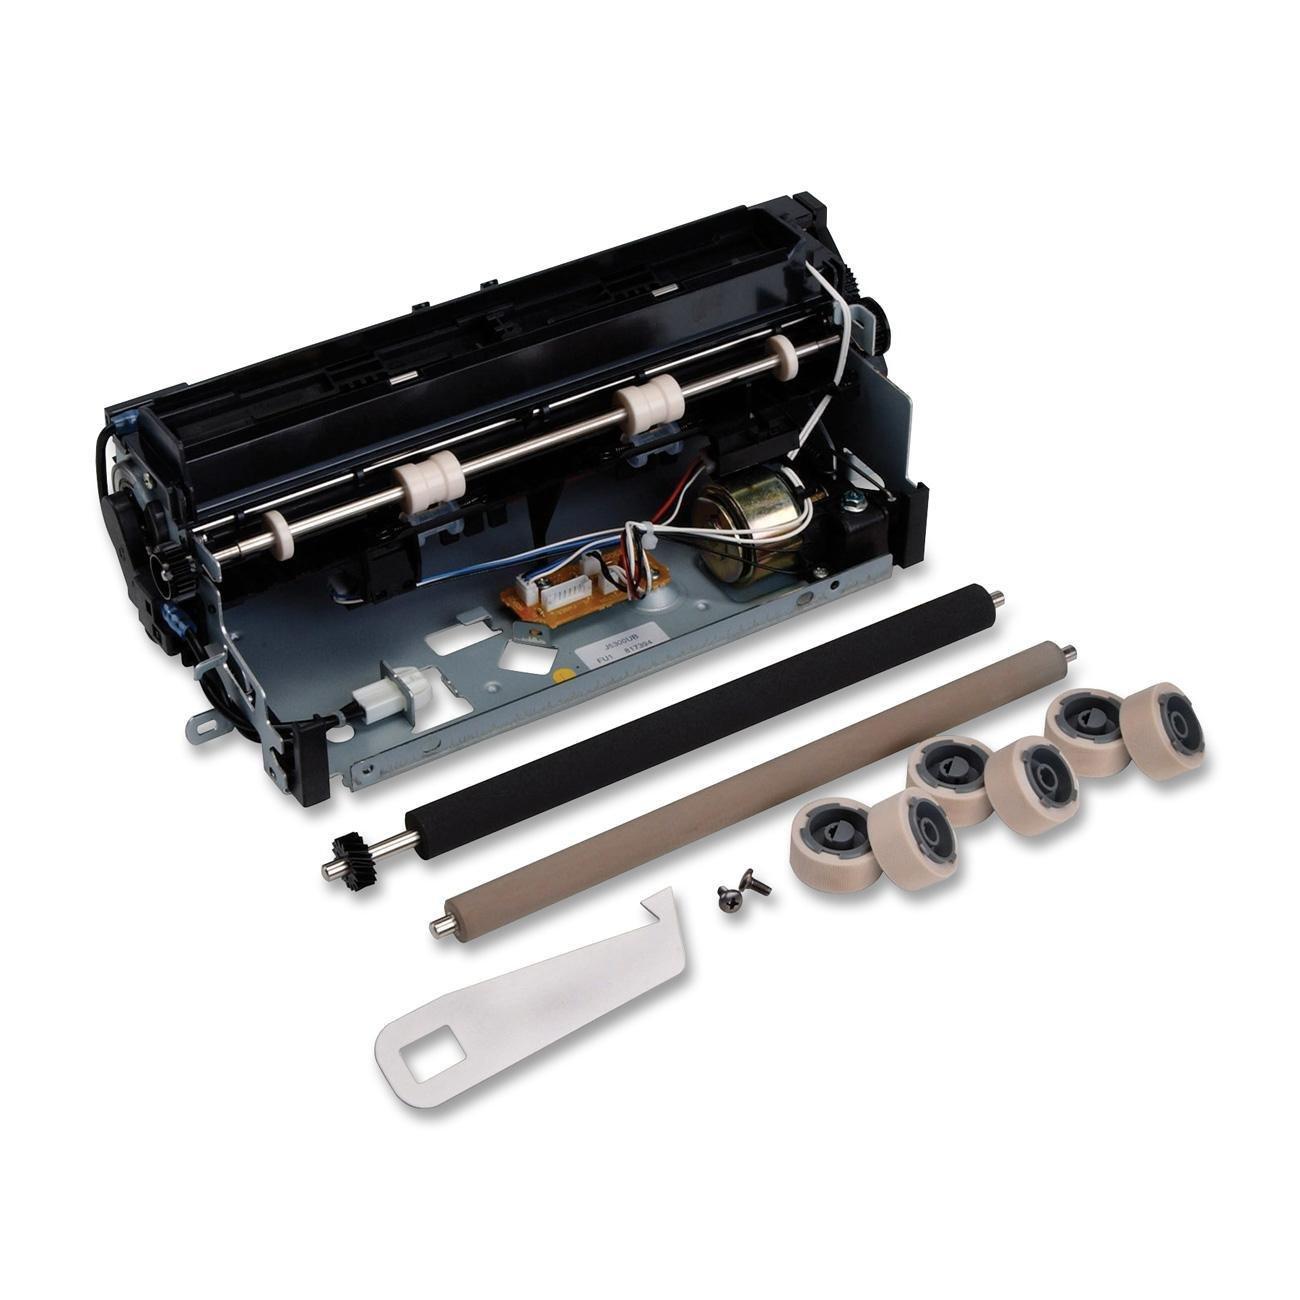 LEX56P1409 - Lexmark 56P1409 Maintenance Kit